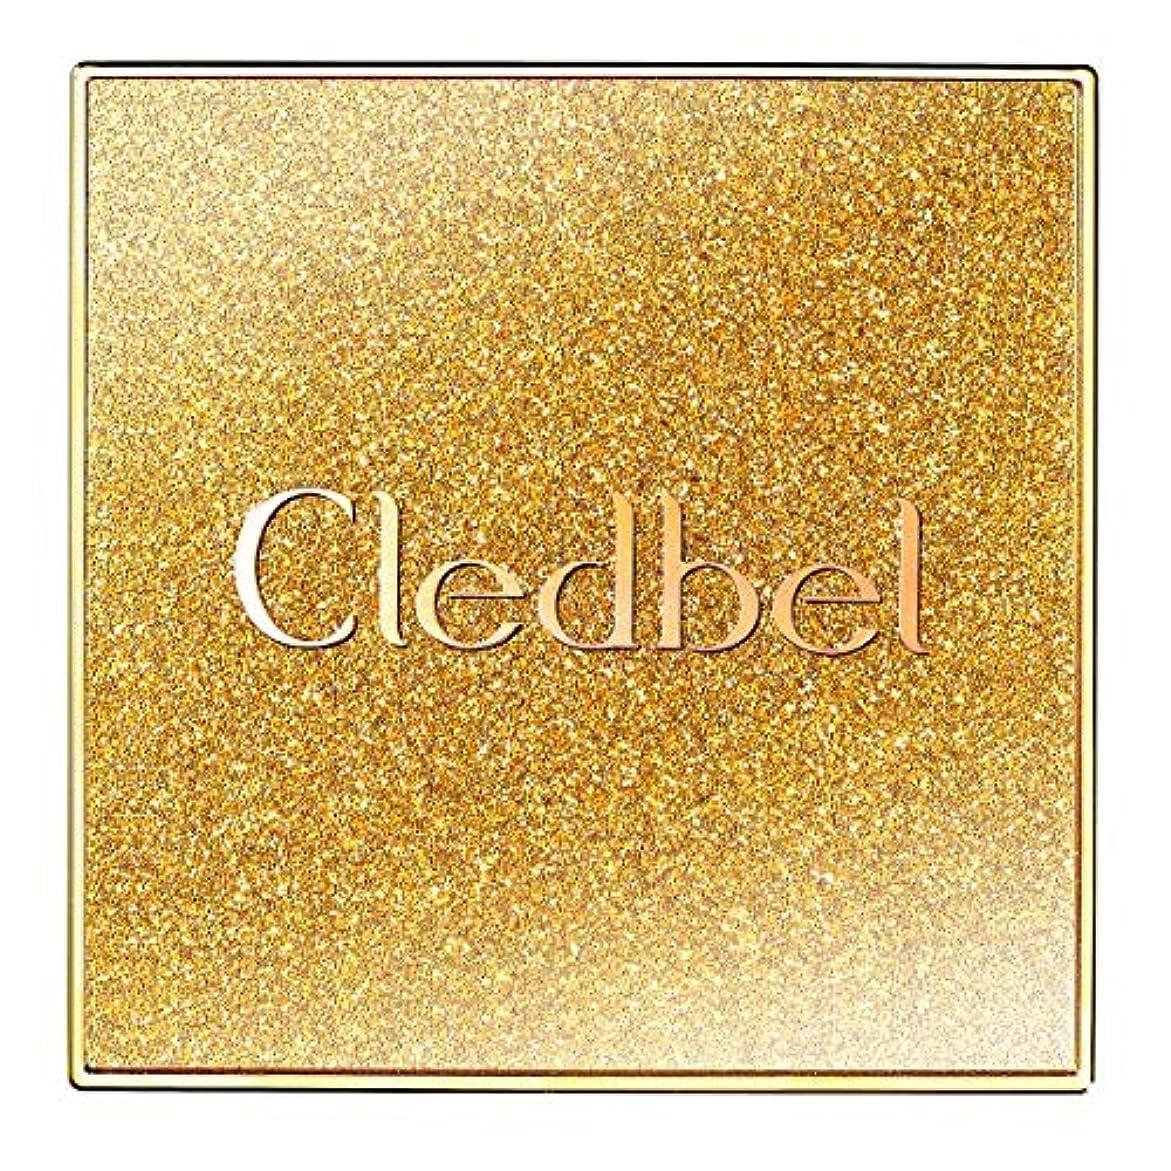 期間残酷トランスペアレント[Cledbel] Miracle Power Lift V Cushion SPF50+ PA+++ GOLD EDITION/クレッドベルミラクルリフトV クッション [並行輸入品]